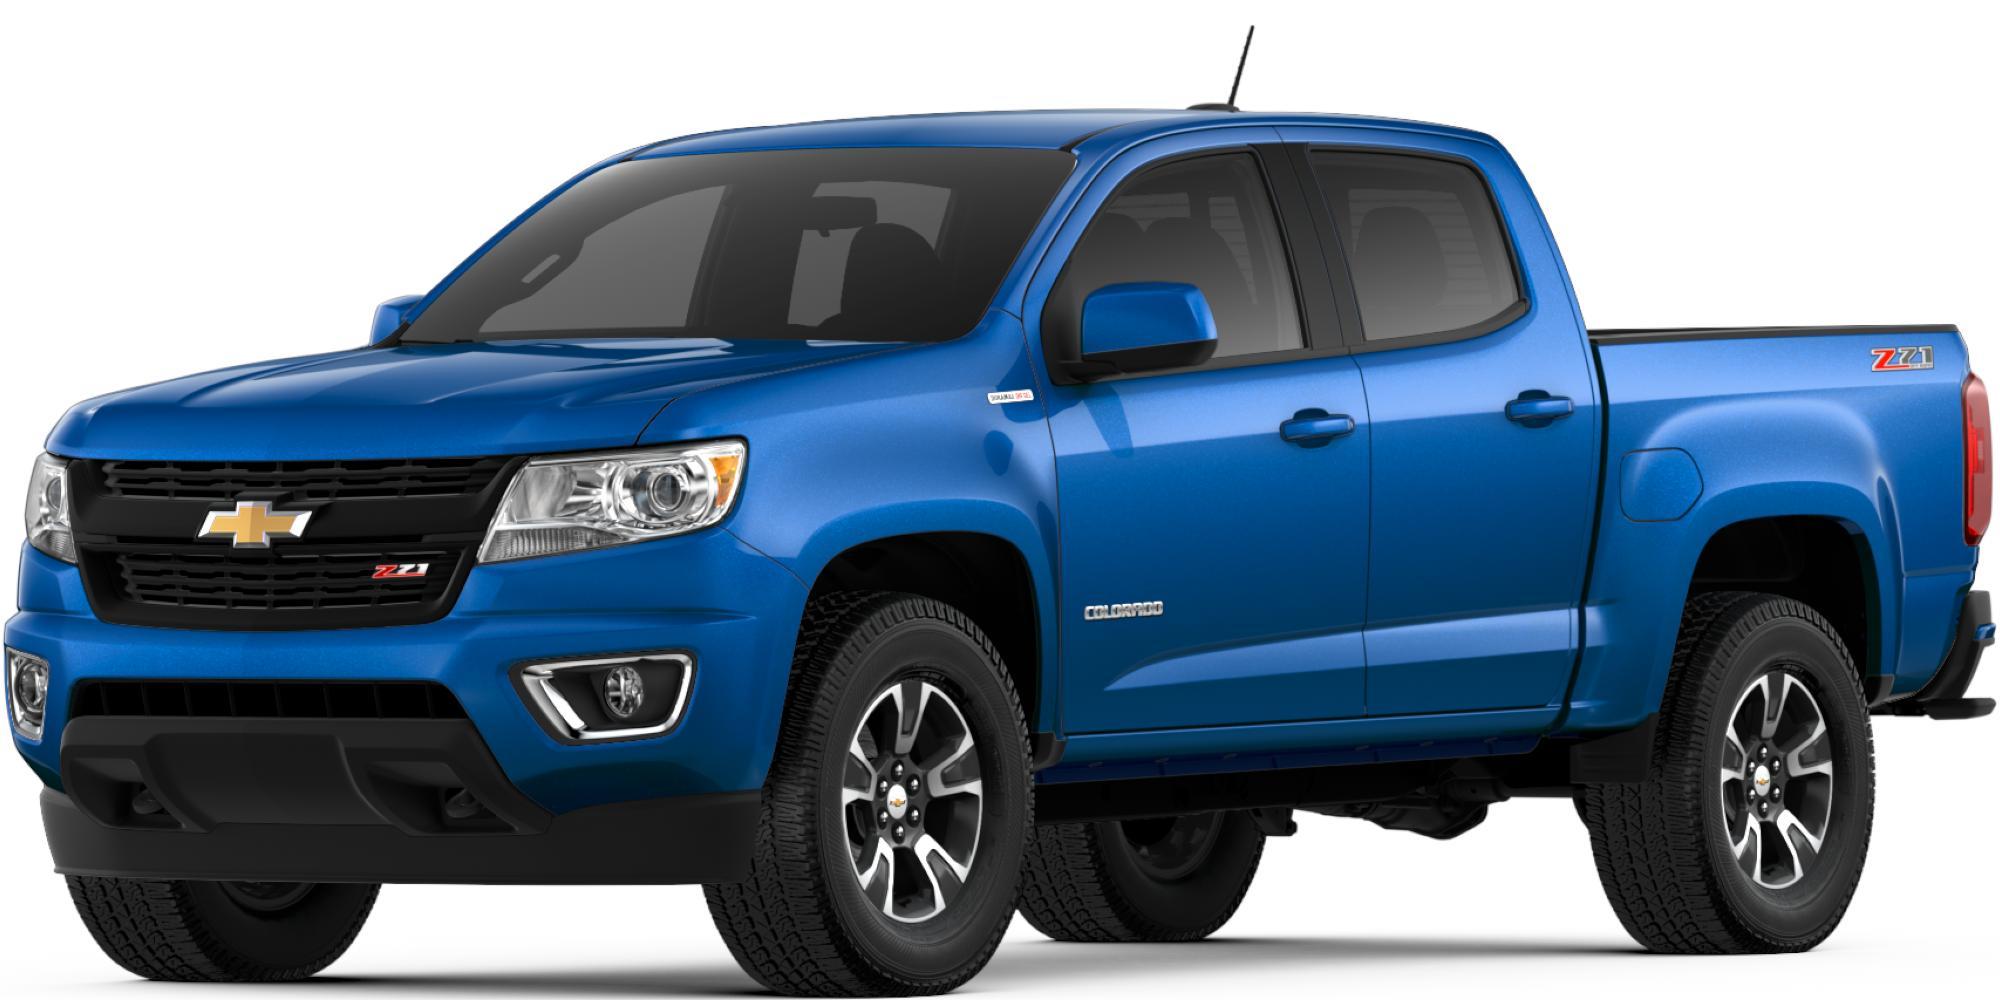 Colorado 2018: Camioneta de tamaño mediano | Chevrolet